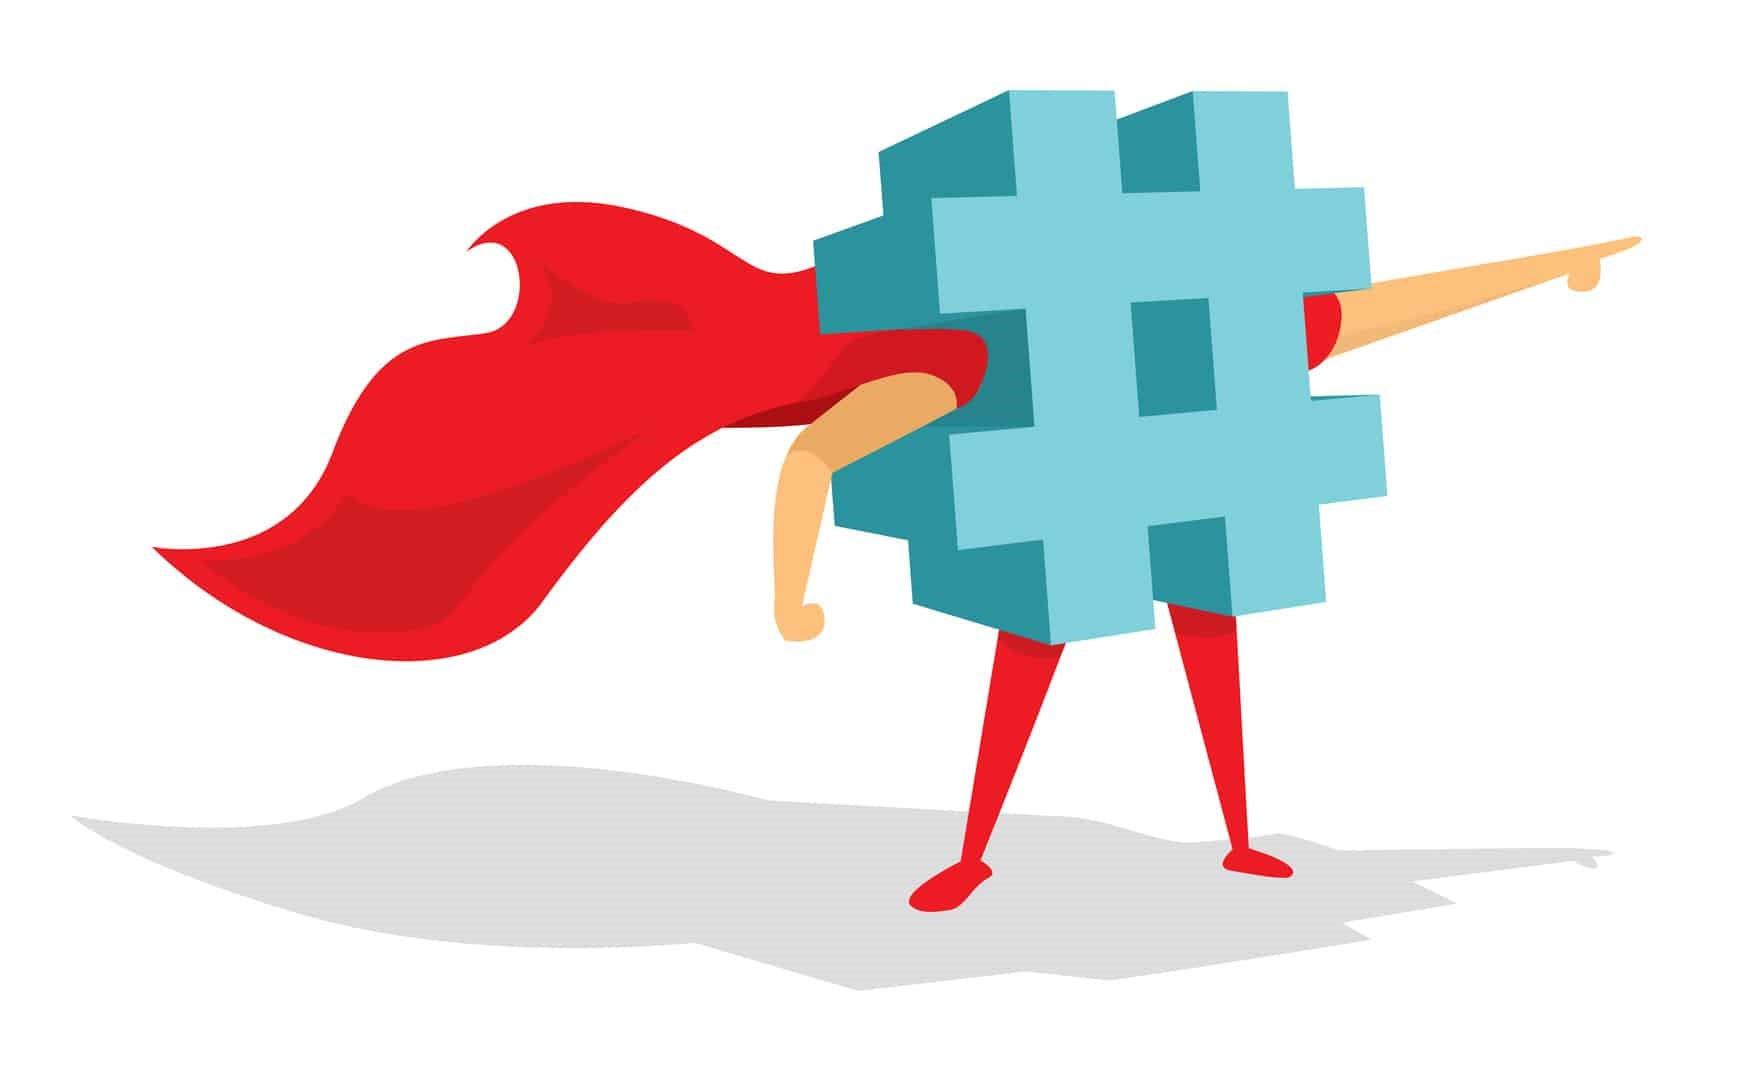 شبکه های اجتماعی هشتگ نویسی